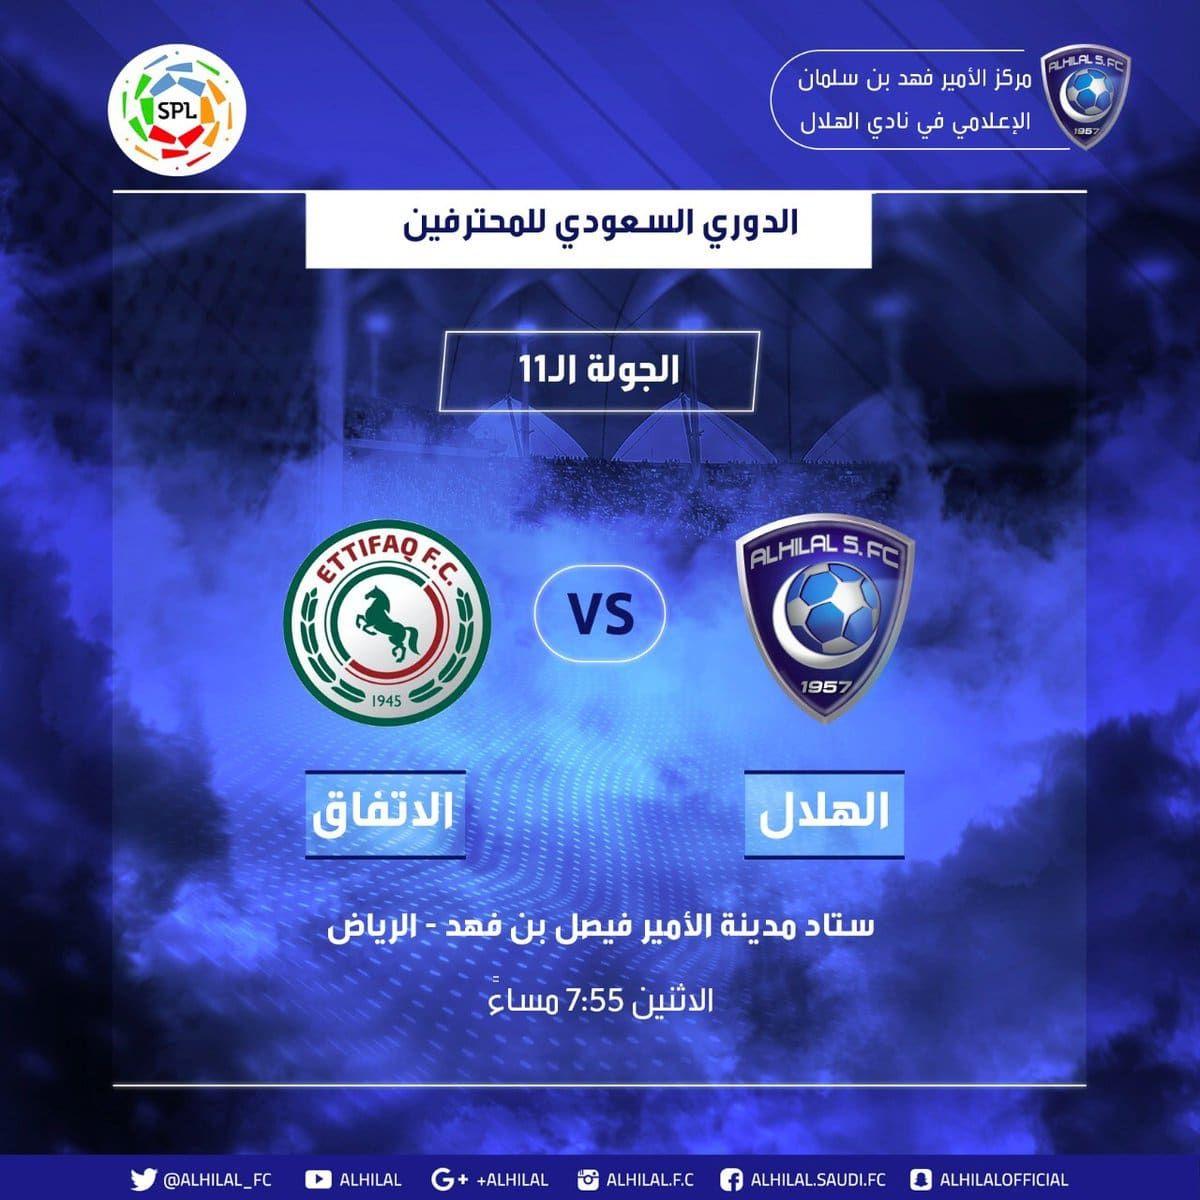 ملخص ونتيجة مباراة الهلال والاتفاق اليوم الاثنين 8 1 2018 في الدوري السعودي Movie Posters Poster Movies